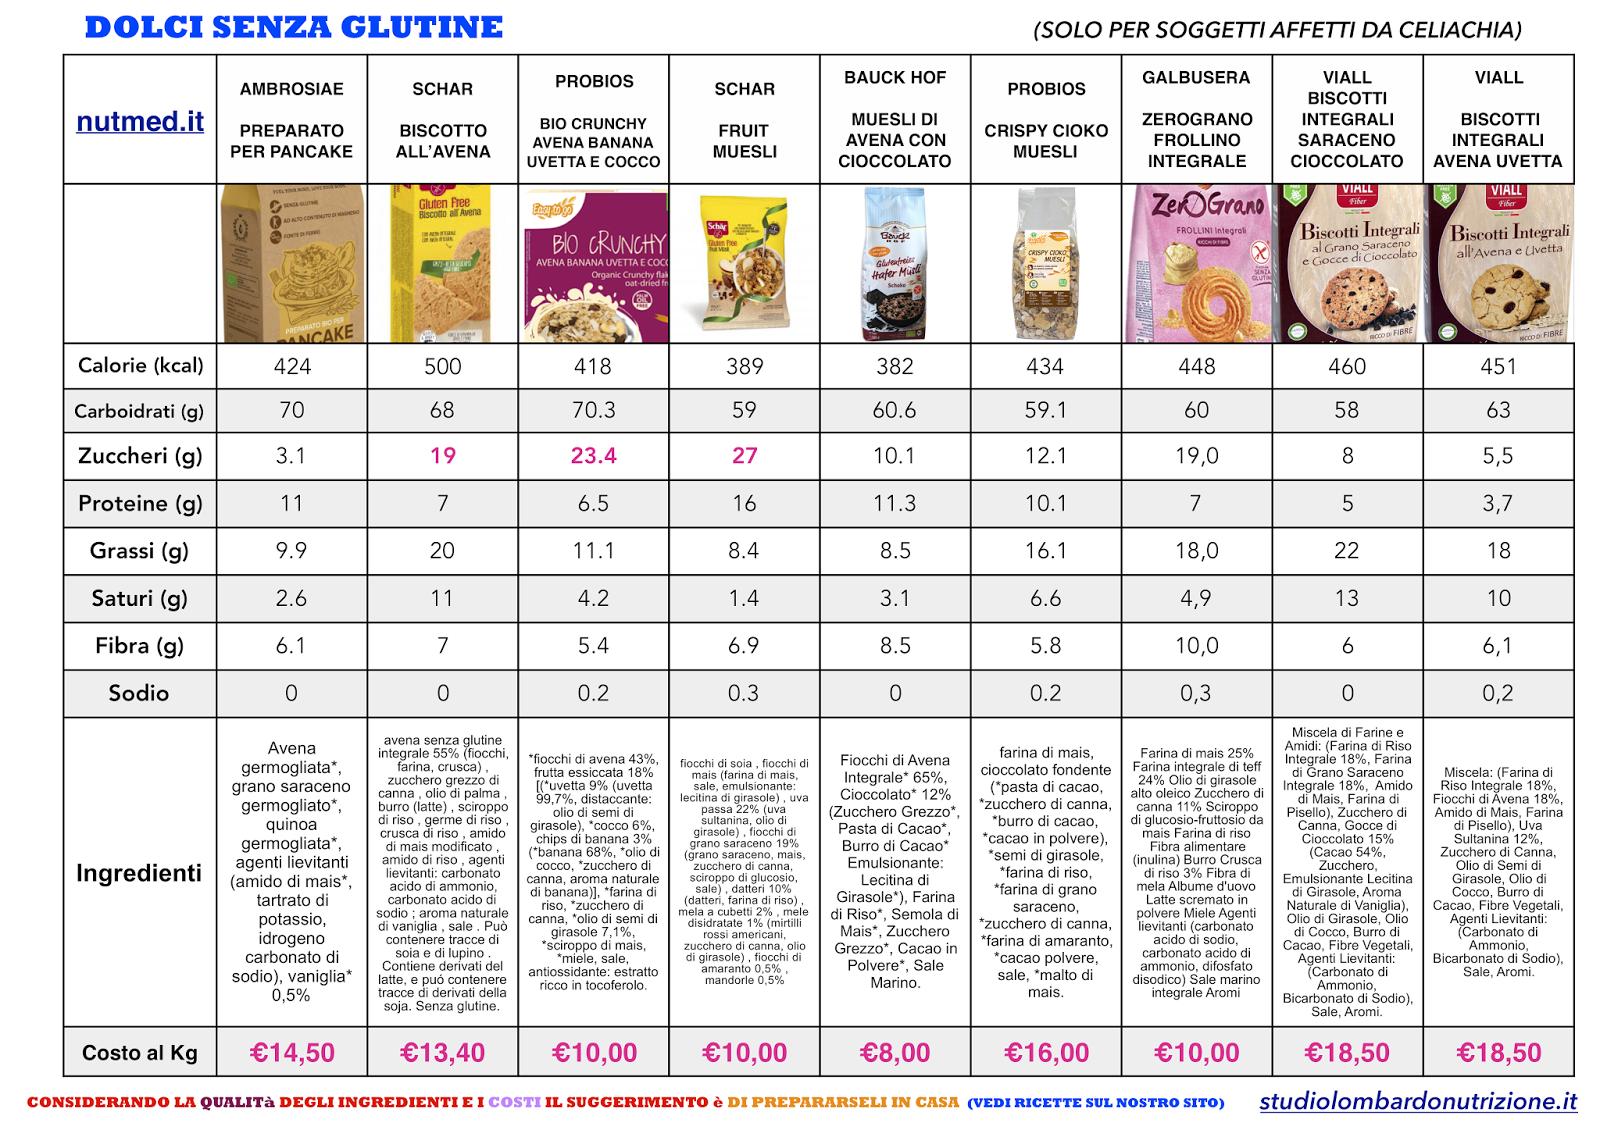 Dieta insulino resistenza menu - Piano di dieta ricca di grassismo